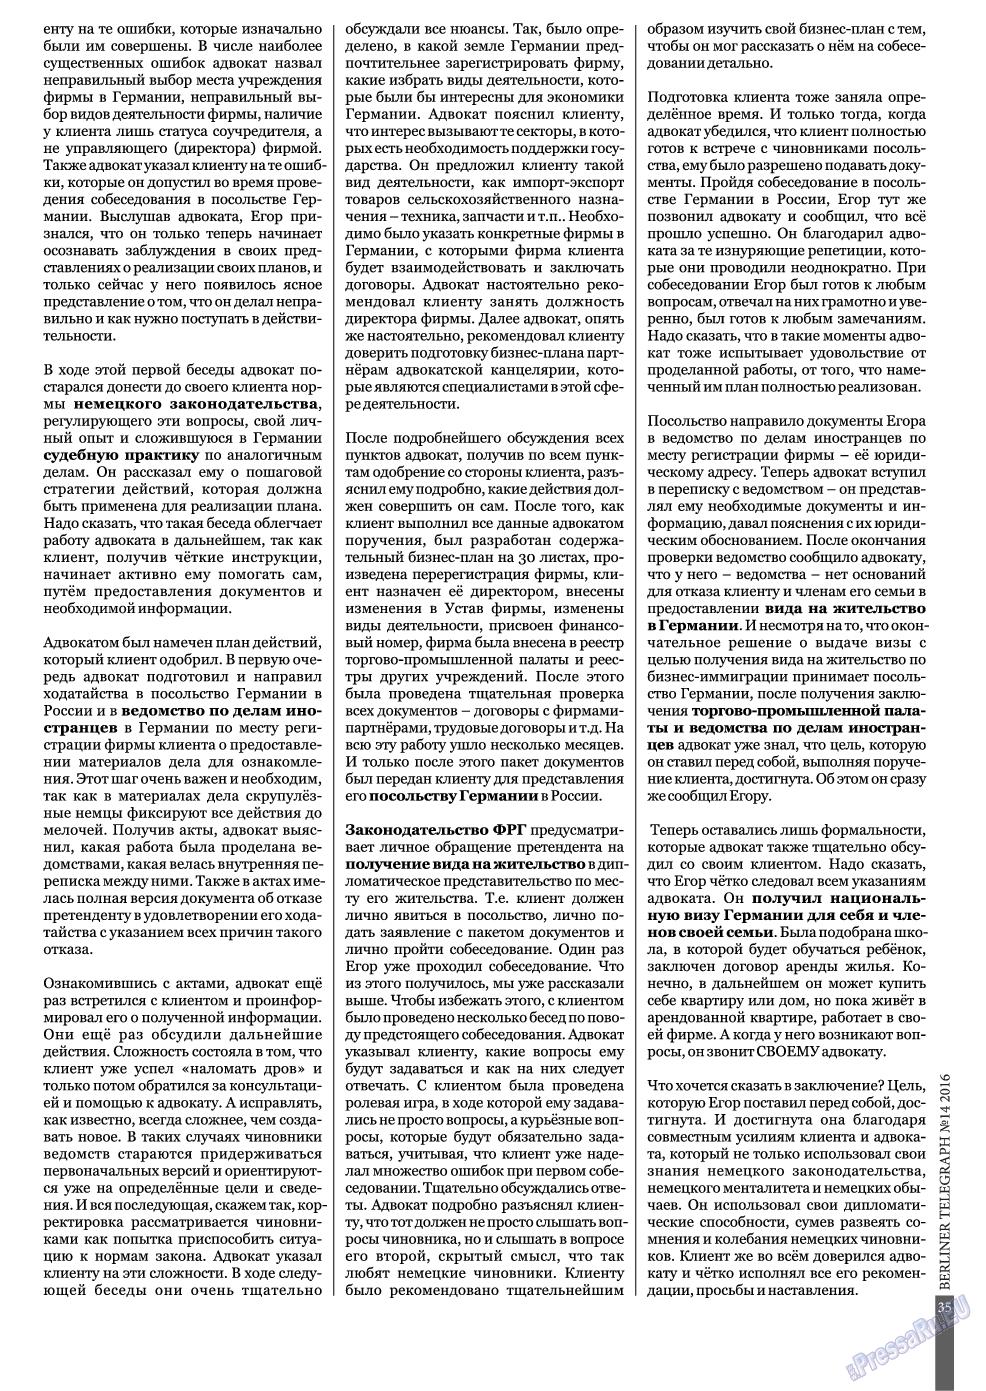 Берлинский телеграф (журнал). 2016 год, номер 14, стр. 35